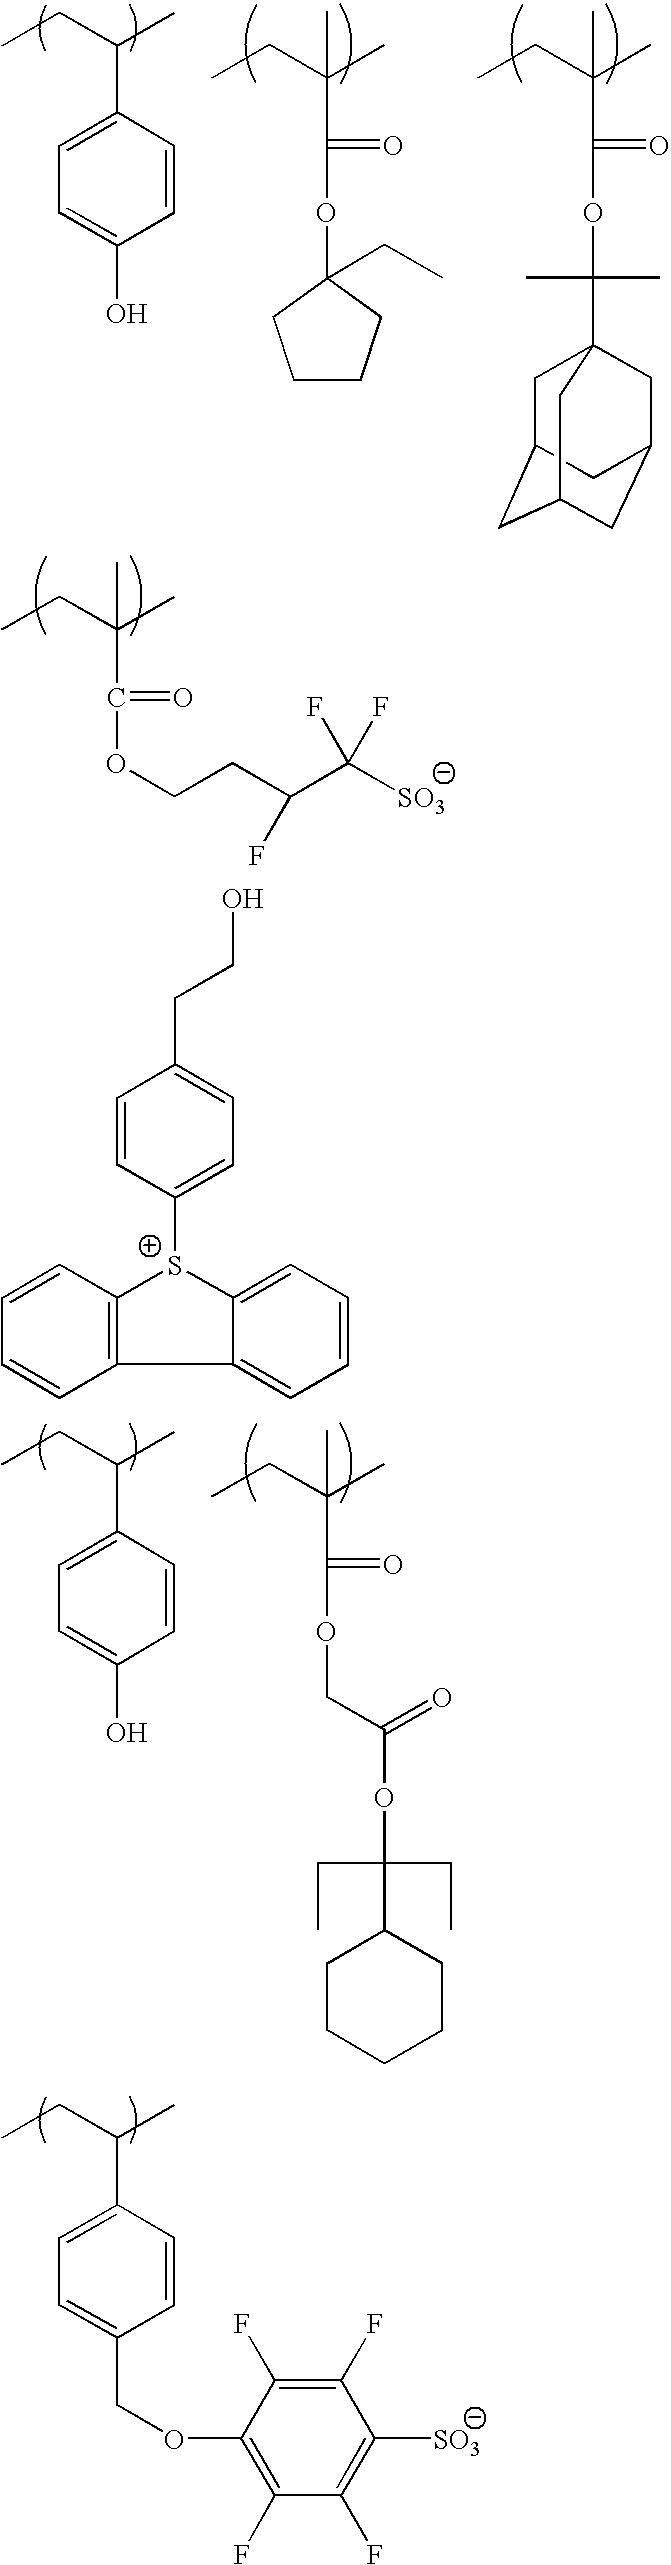 Figure US20100183975A1-20100722-C00198